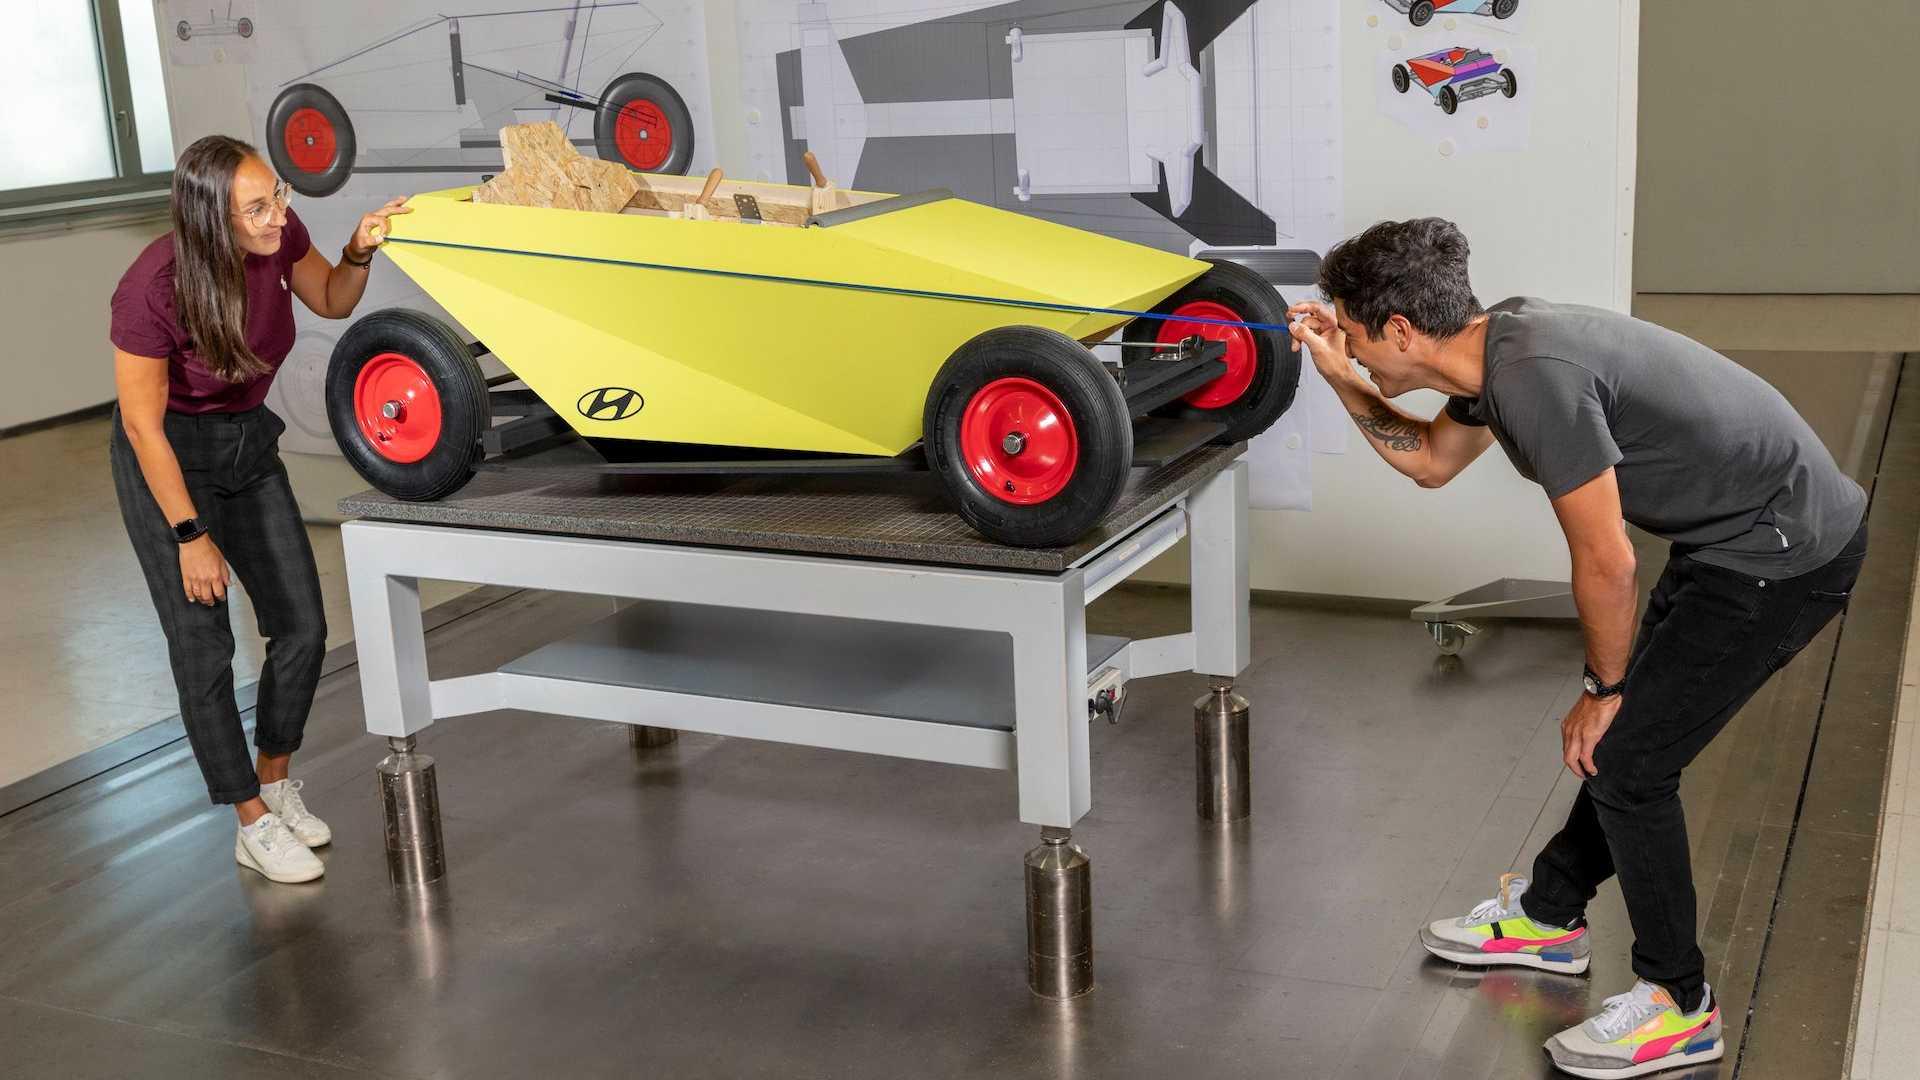 Компания Hyundai показала машину без мотора, которую можно собрать в гараже